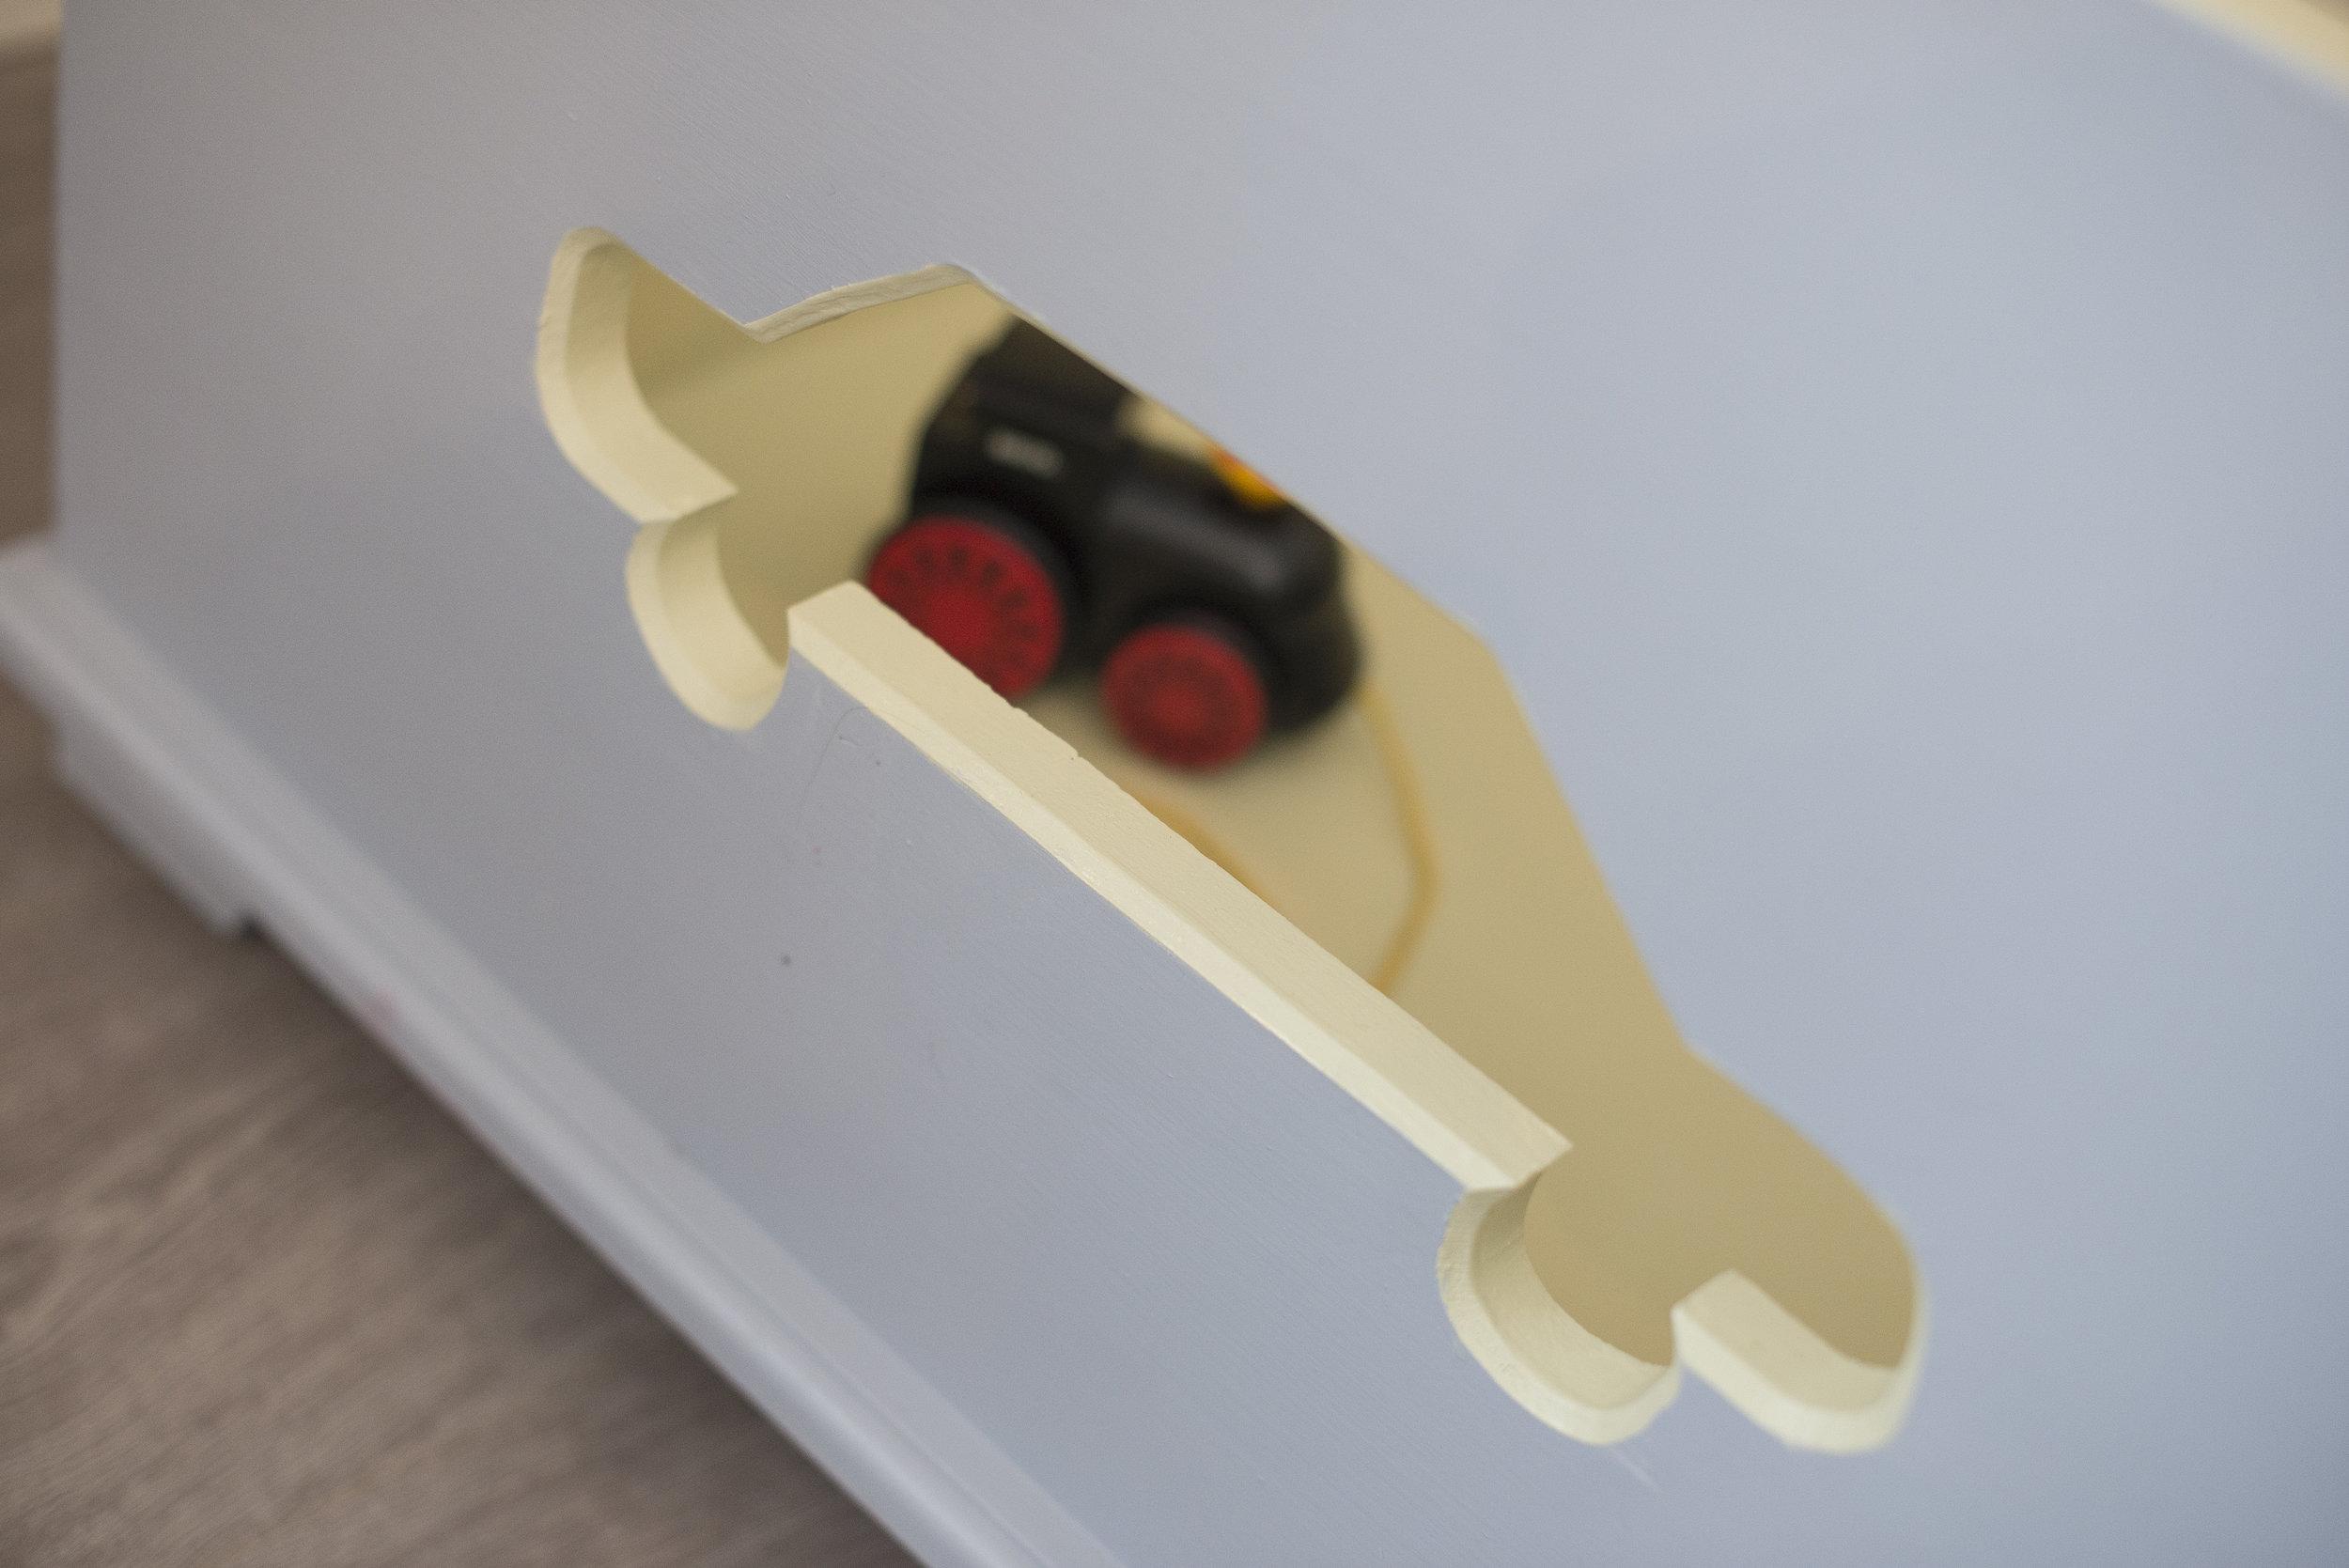 Lekekassene kan trilles på hjul og er såpass tunge at det er vanskelig å velte dem. Pluss at barna gjerne henter lekene gjennom de store utskårne mønstrene.